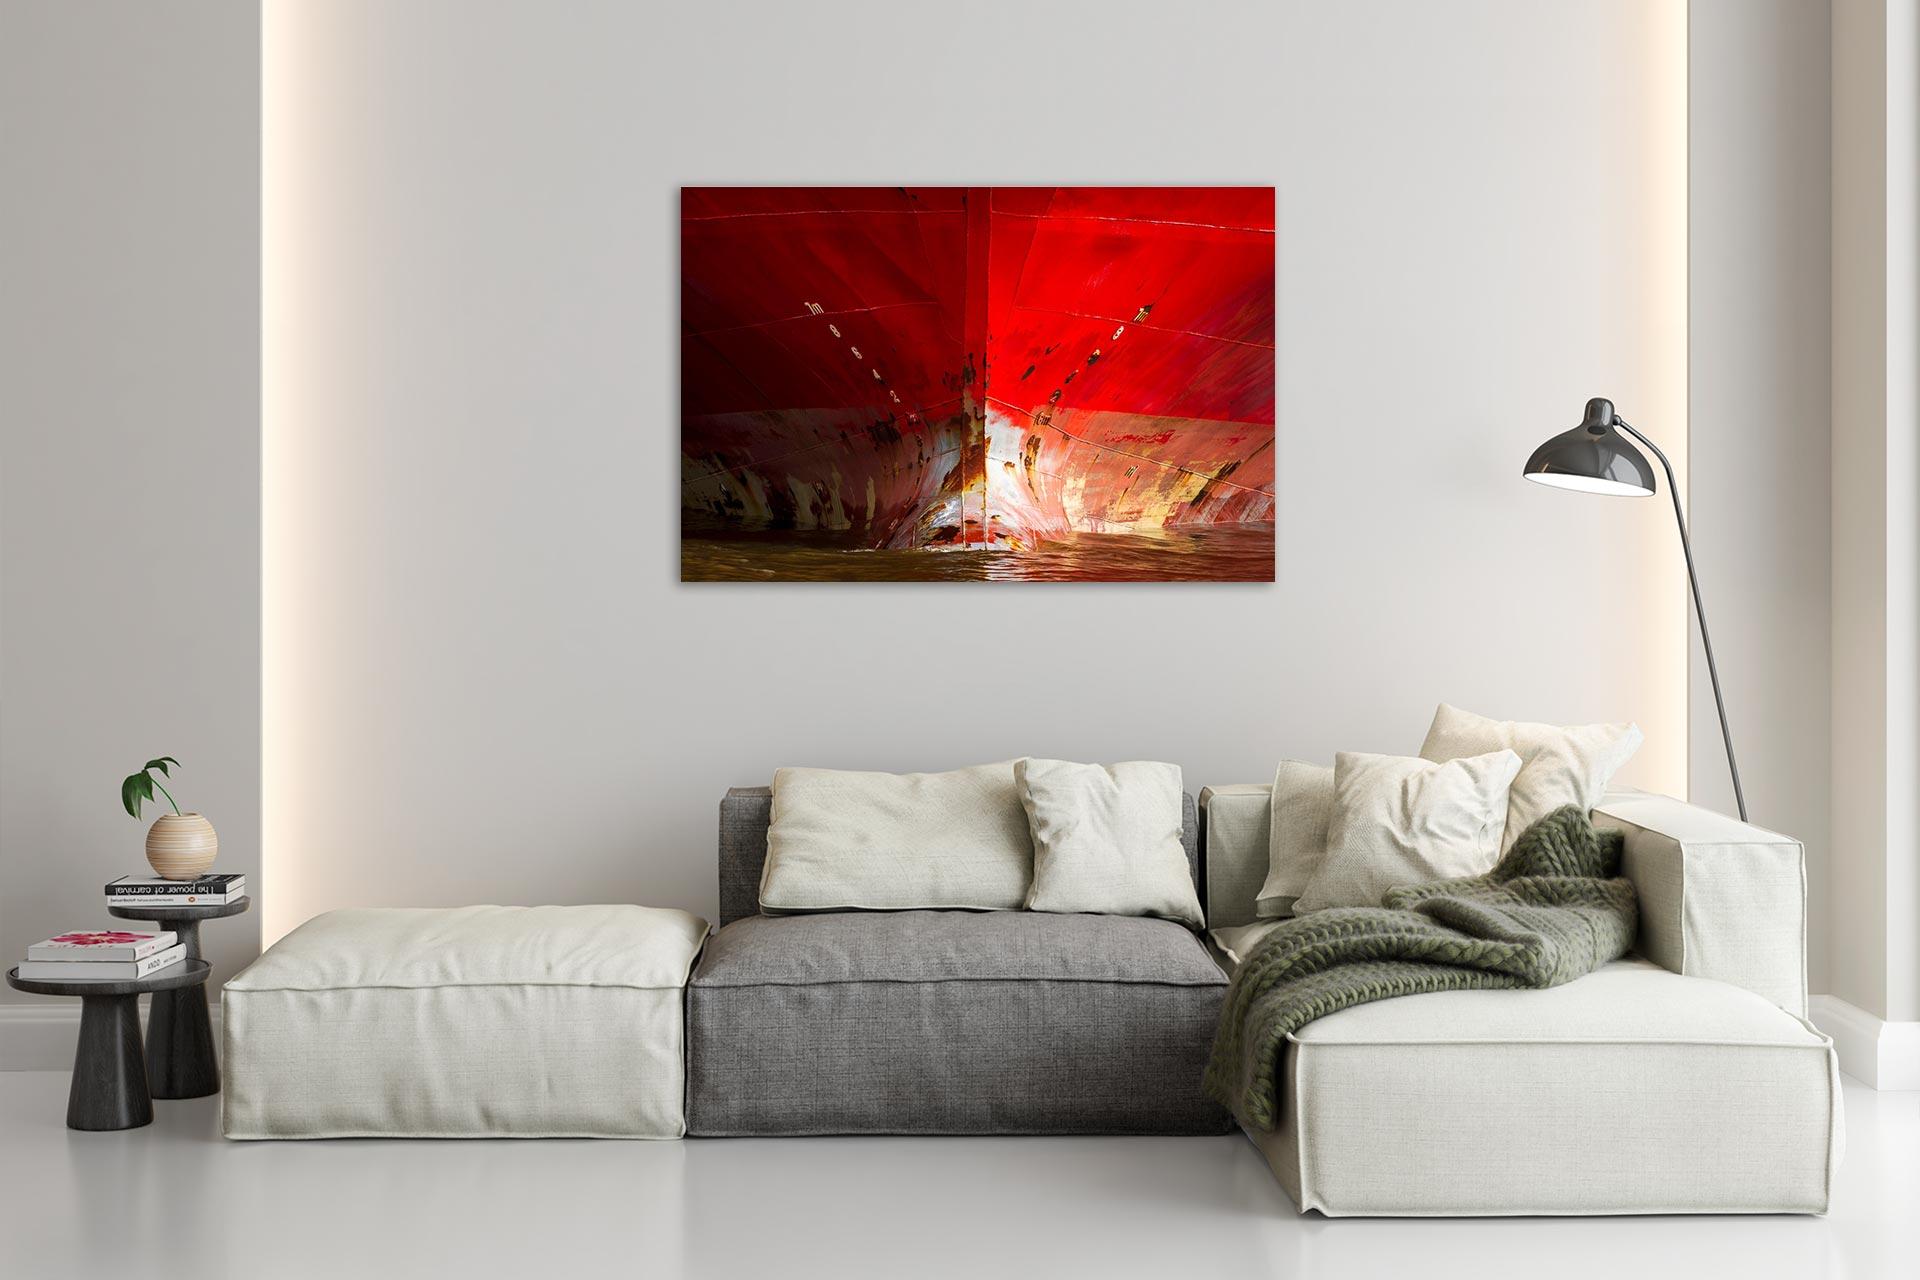 JS001-der-rote-bug-wandbild-bild-auf-leinwand-acrylglas-aludibond-wohnzimmer